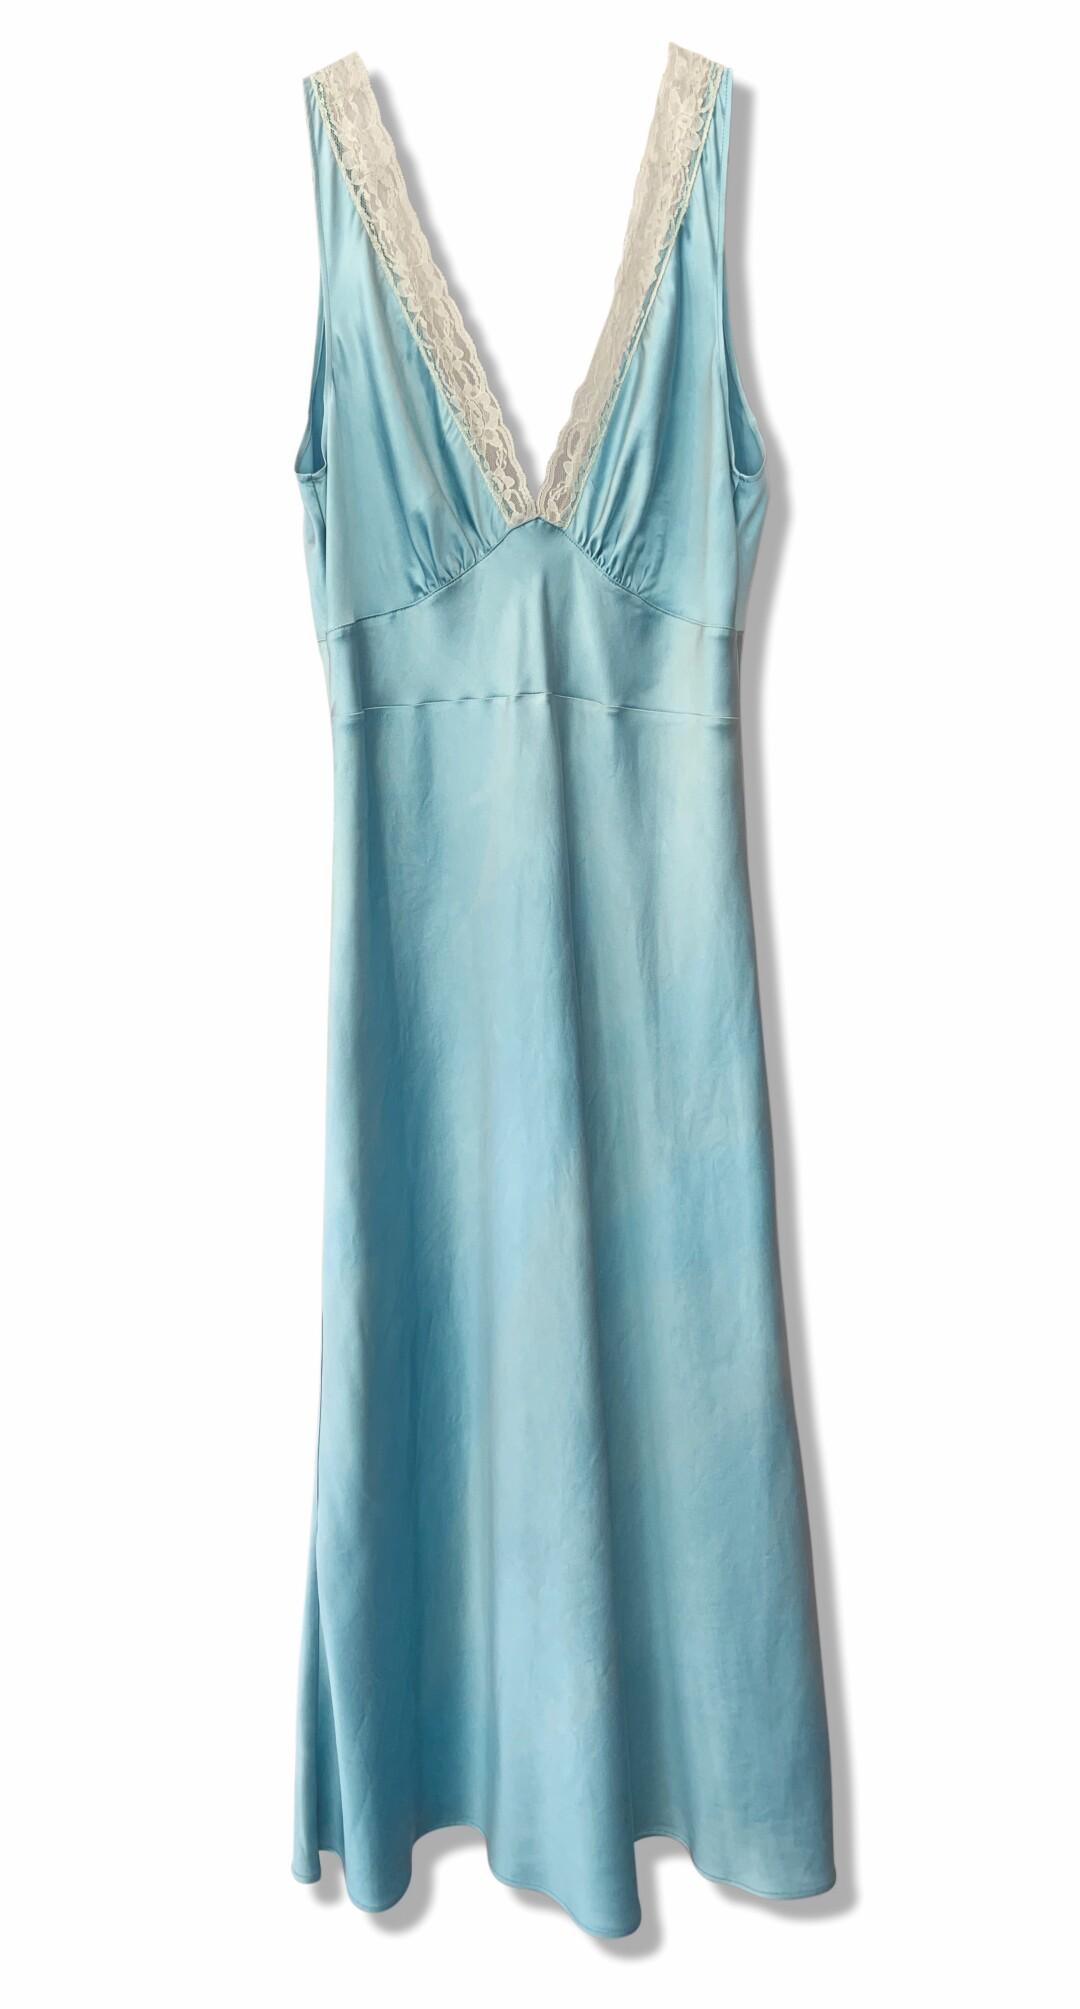 Women's slip dress